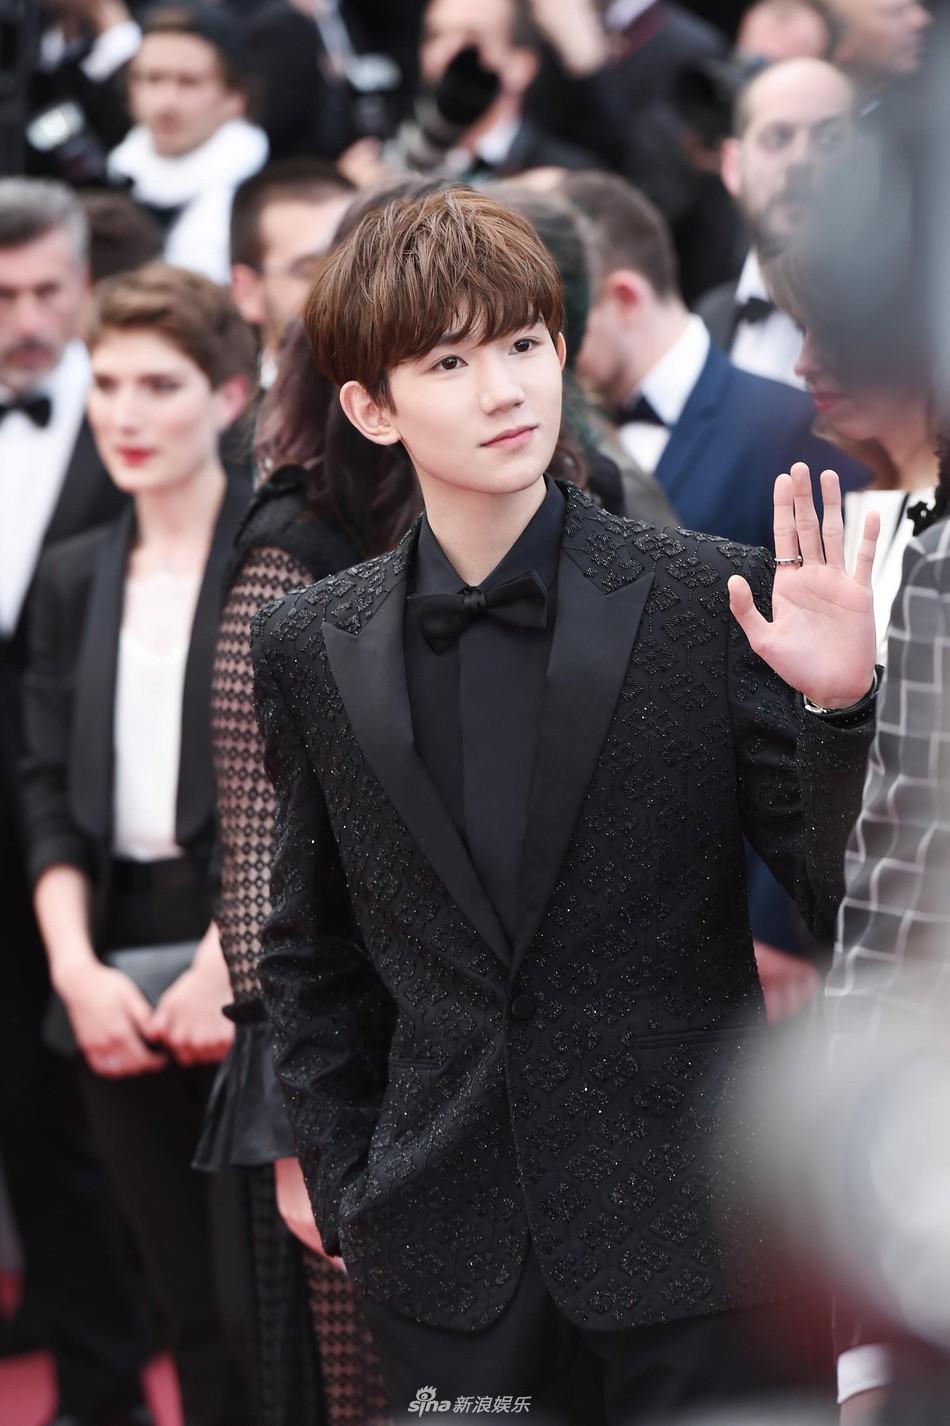 Mỹ nam Vương Nguyên TFboys lần đầu tới Cannes, hớn hở chụp ảnh chung cùng bạn trai Taylor Swift - Ảnh 5.